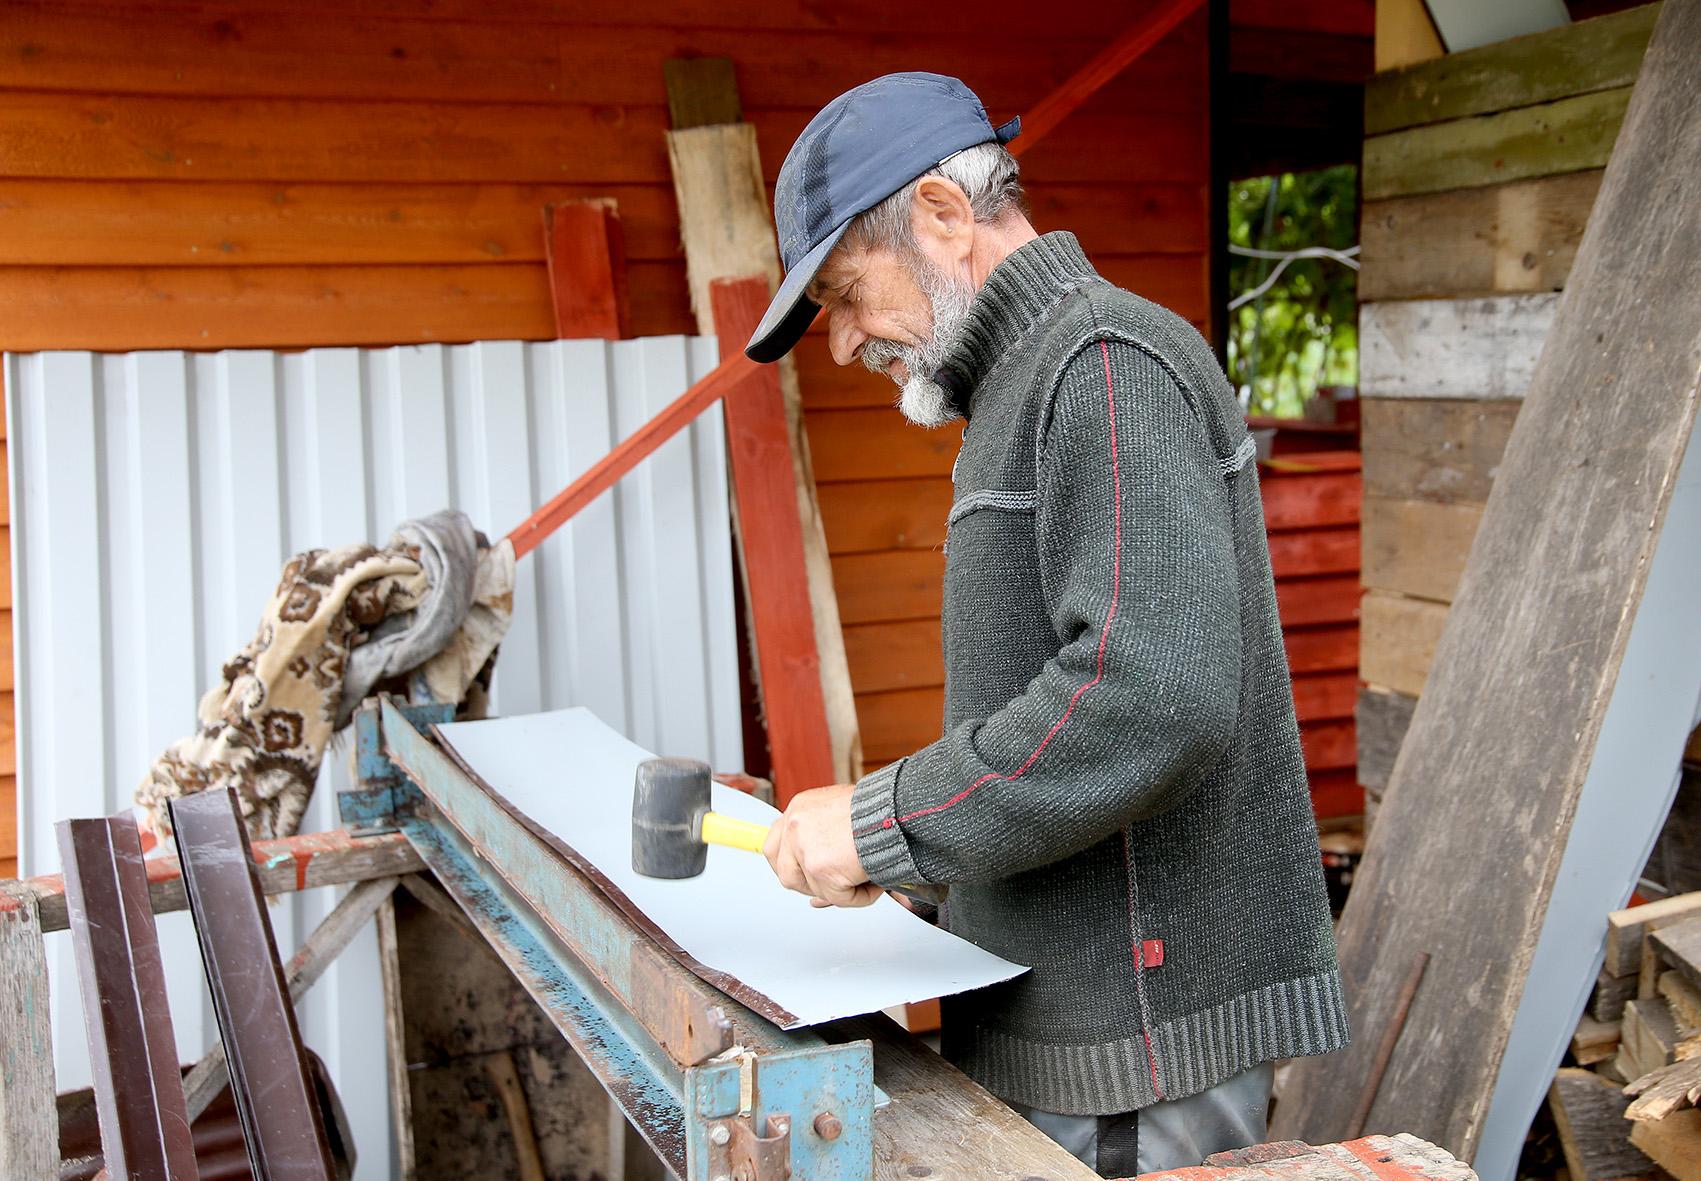 Michailas soduose gyvena vasarą. Vyras šiuo metu stato ūkinį pastatą ir pirtį. Viską daro savo jėgomis, neskubėdamas. A. Barzdžiaus nuotr.